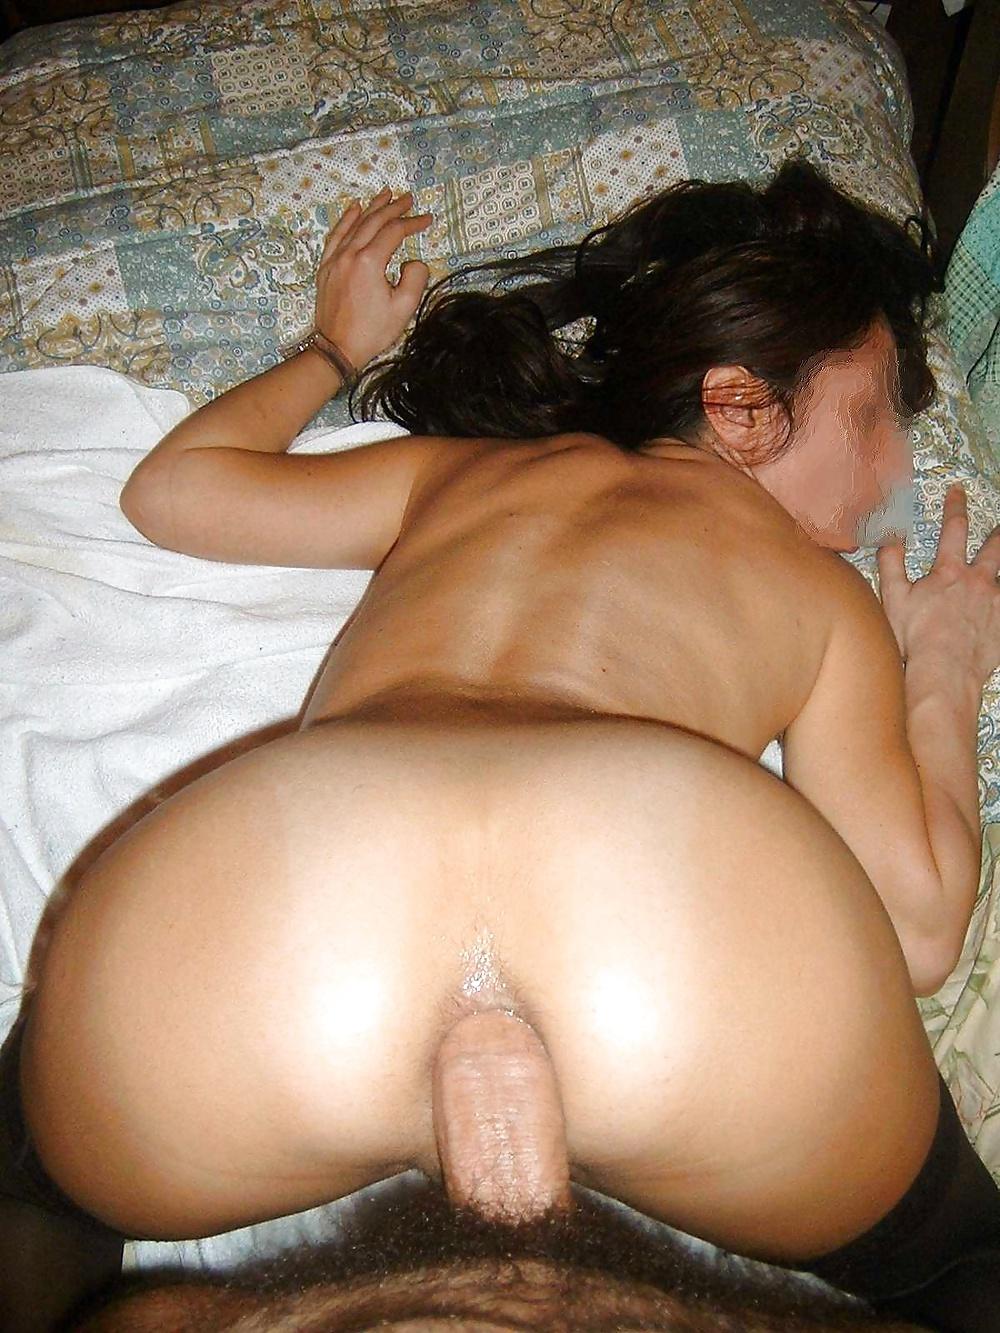 Огромные хуи в анальных дырочках порнофото